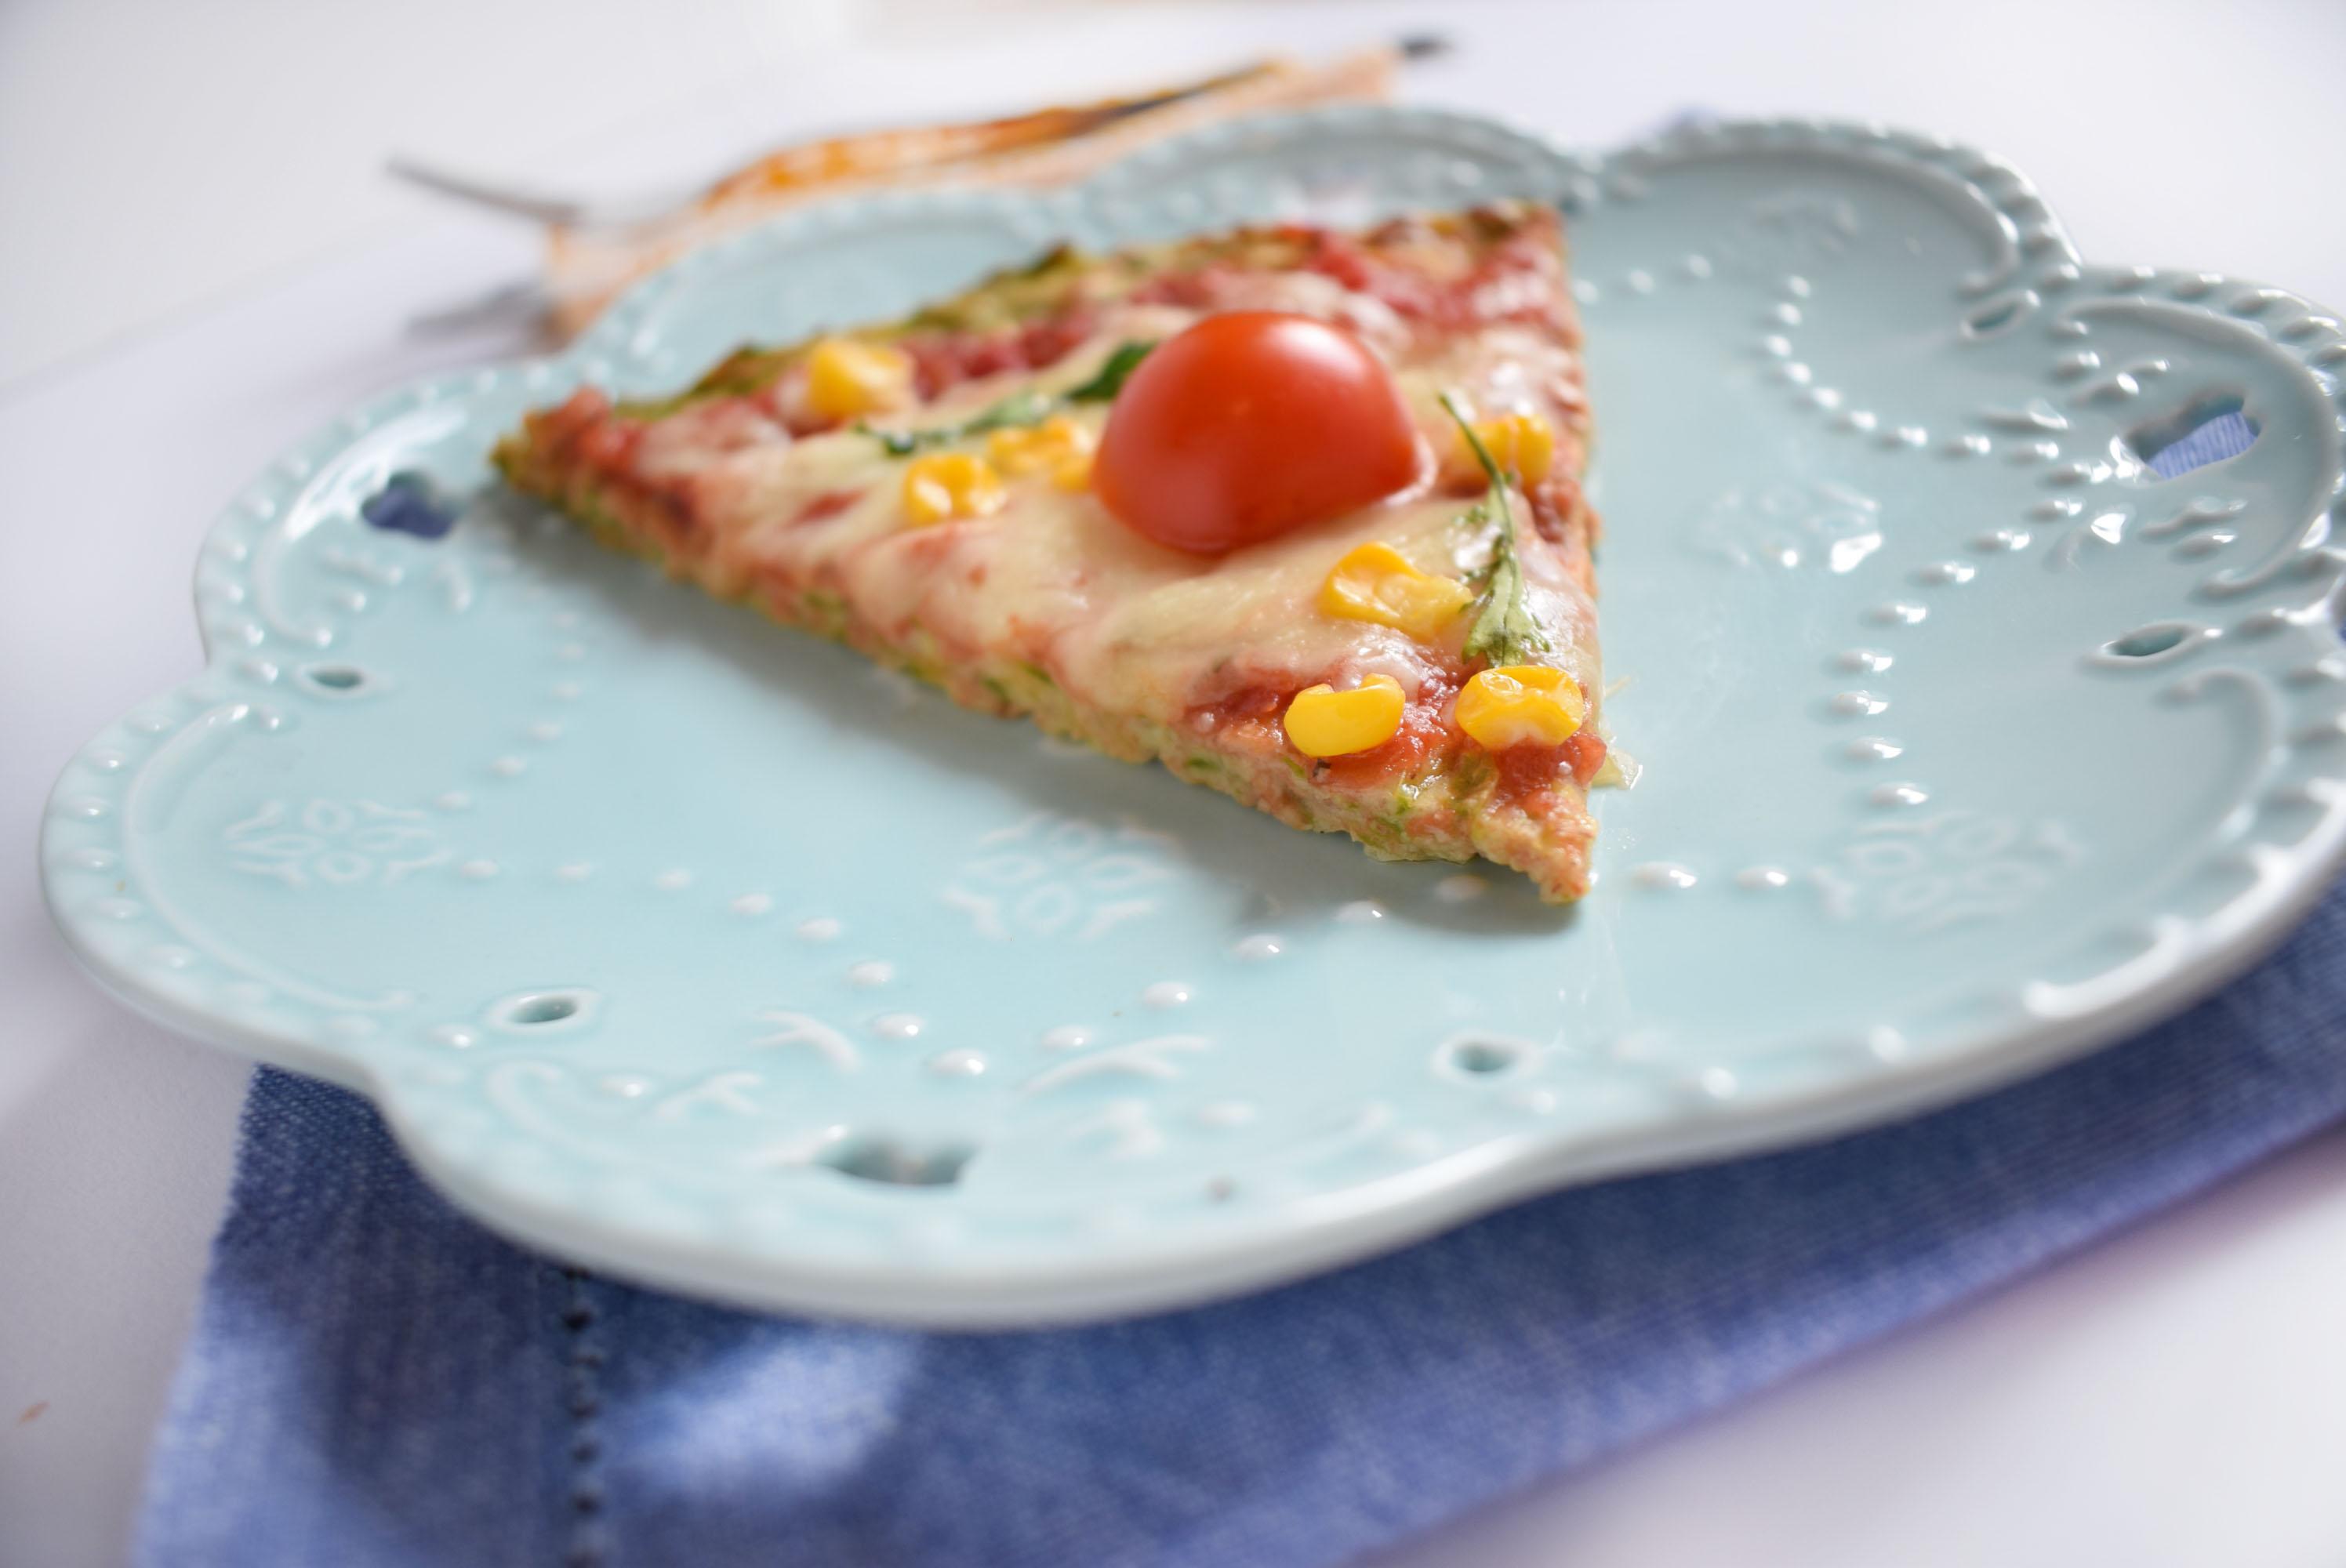 pizza cu crusta de dovlecei 6 - foodieopedia